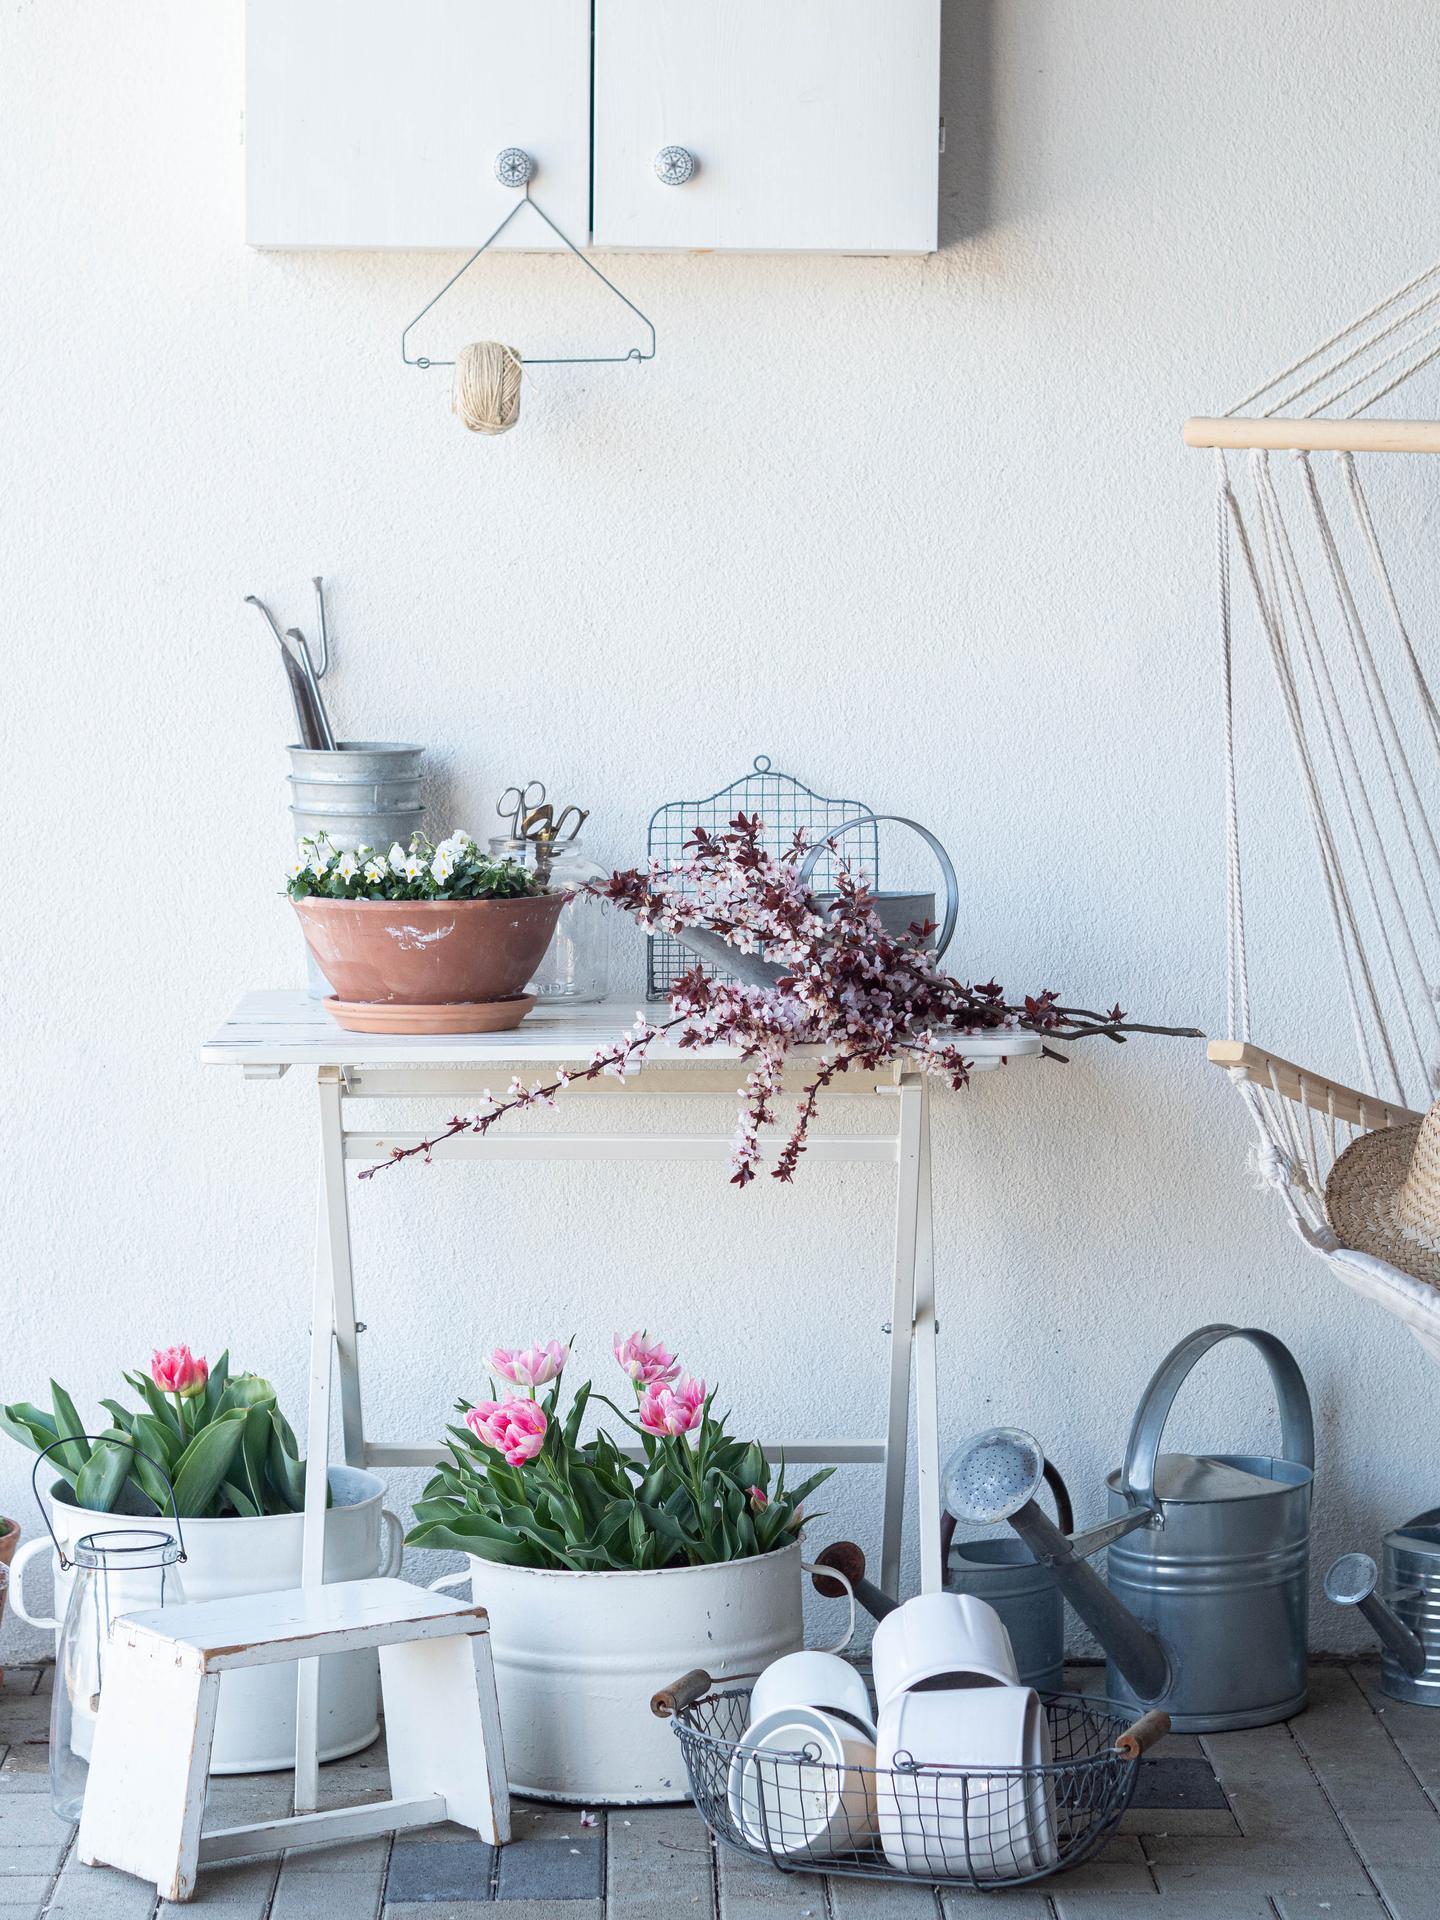 Záhrada a terasa - Obrázok č. 122